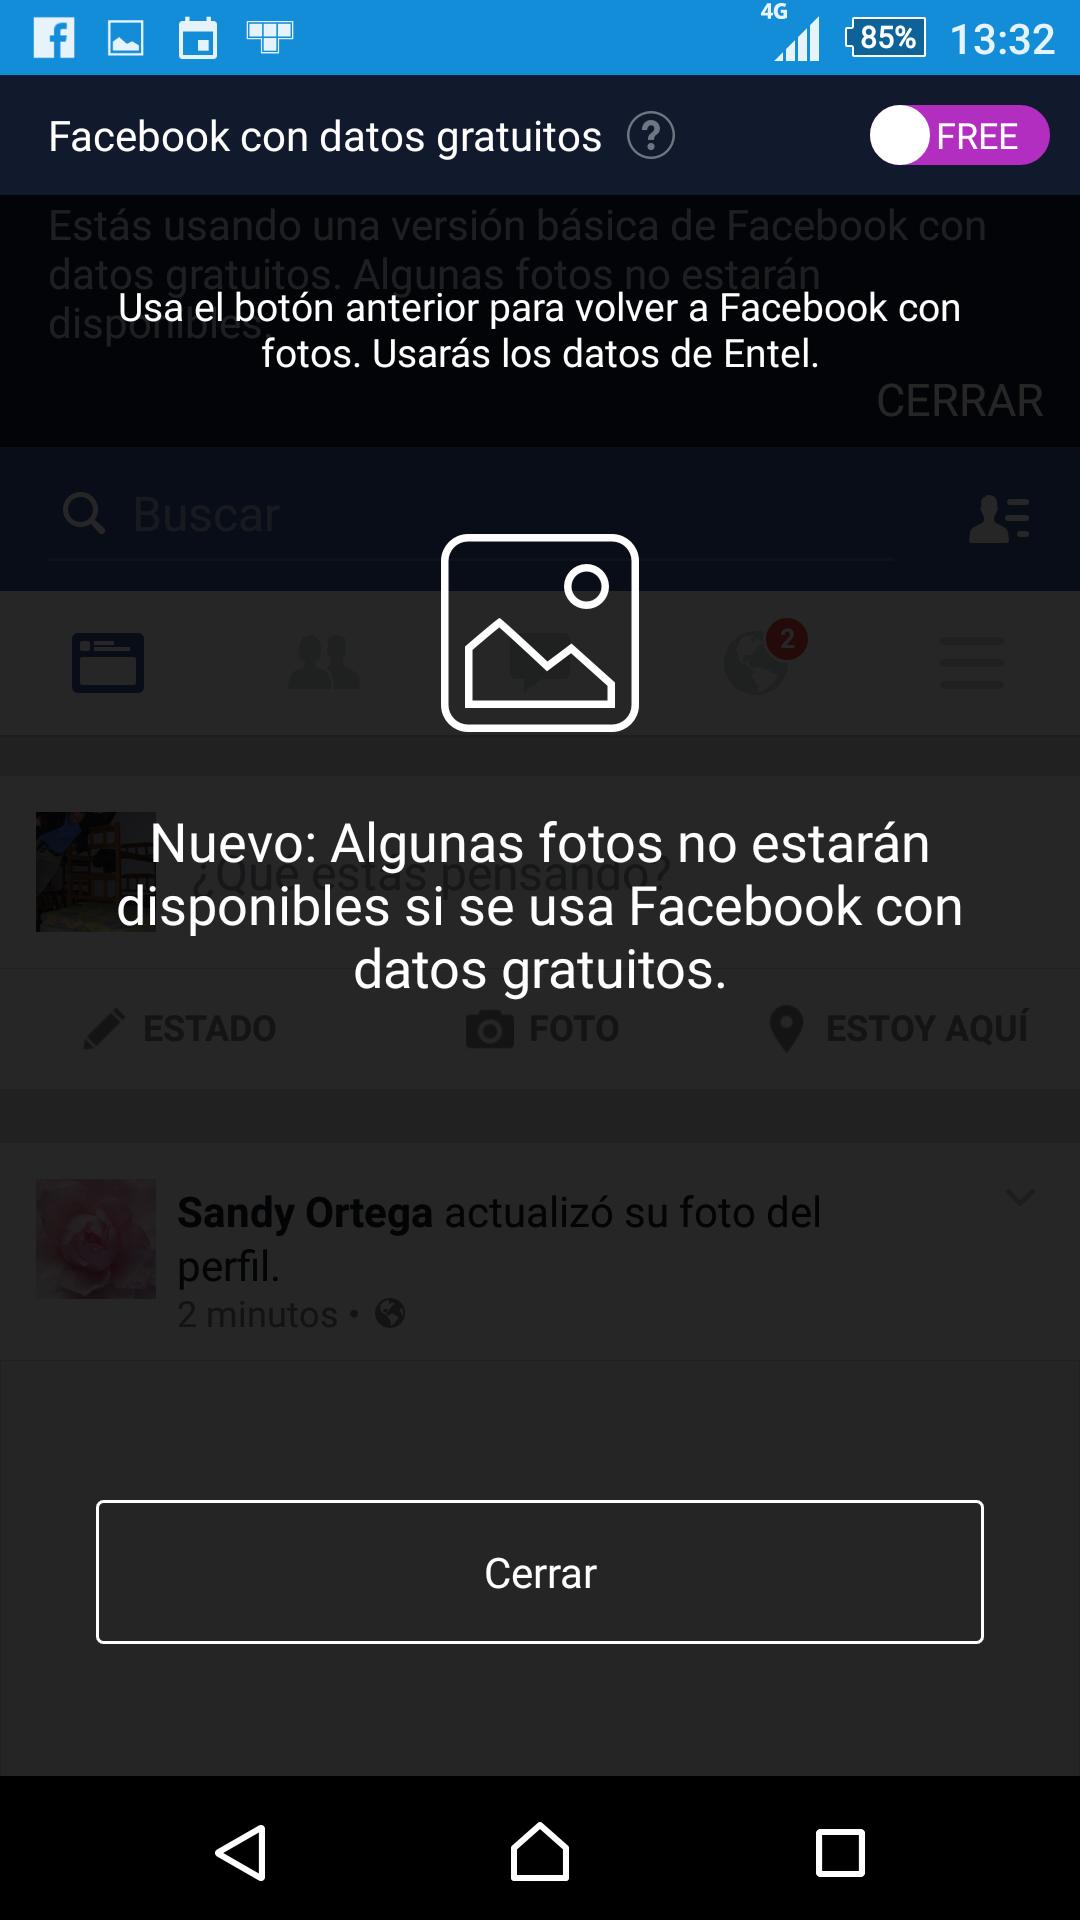 Interruptor para cambiar entre los modos Free y Data en Facebook (la orimera vez se muestra así)